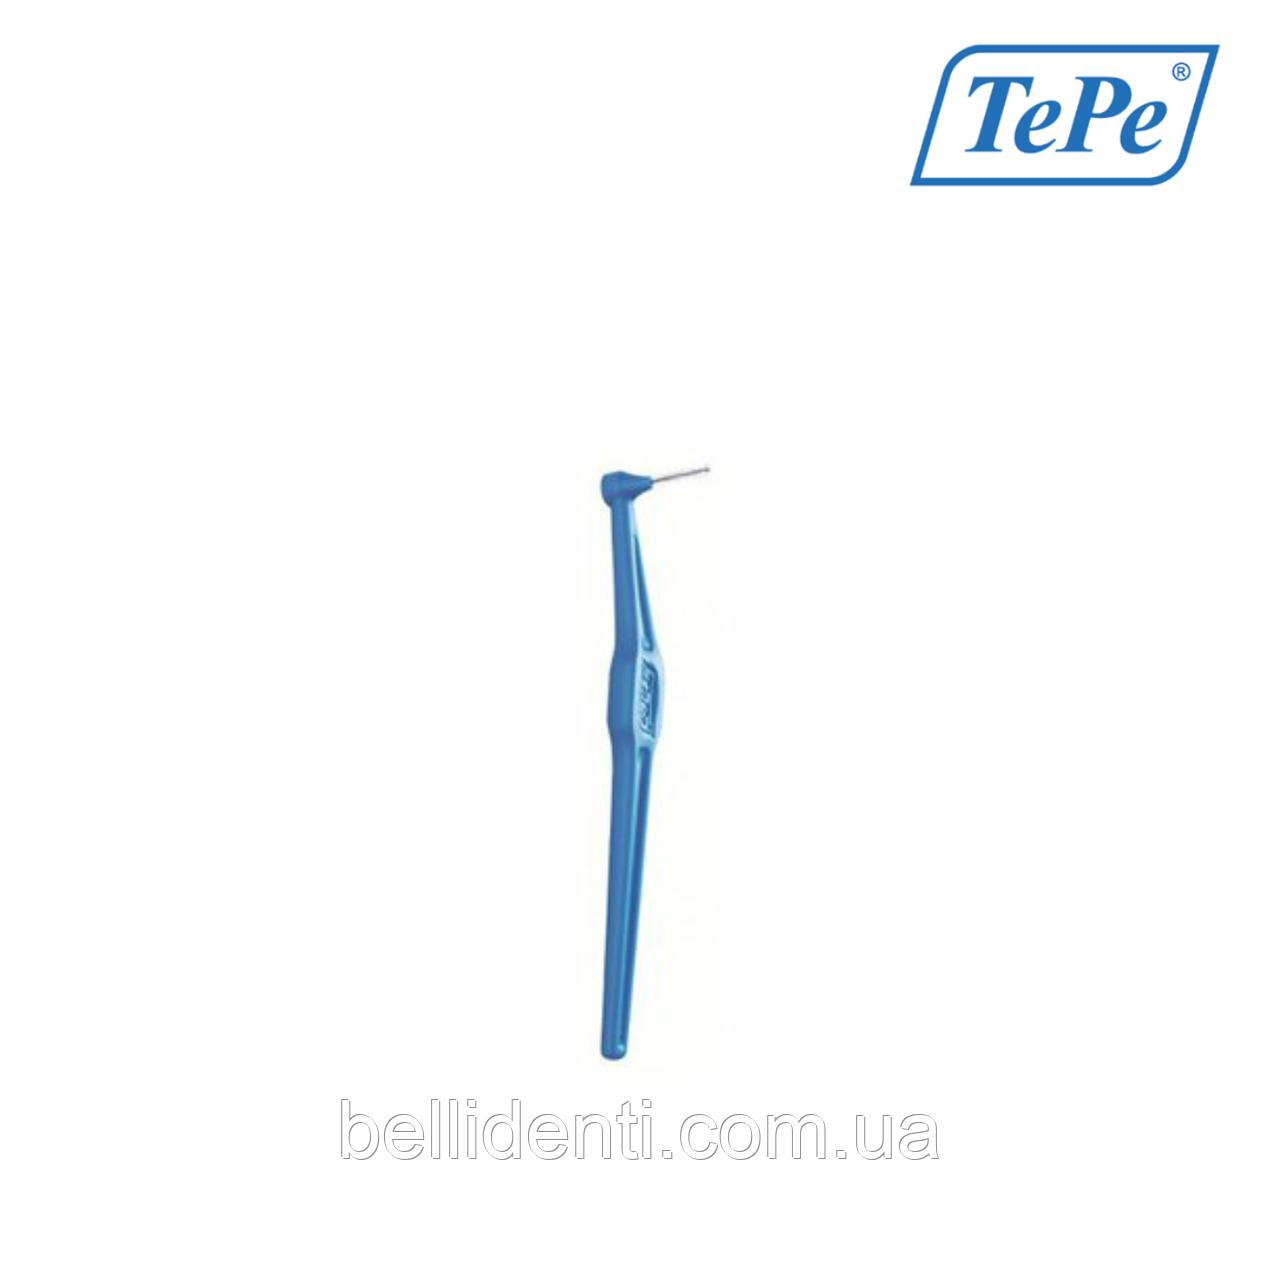 Межзубная щетка TePe Angle угловая, синий (0,6 мм), 1 шт